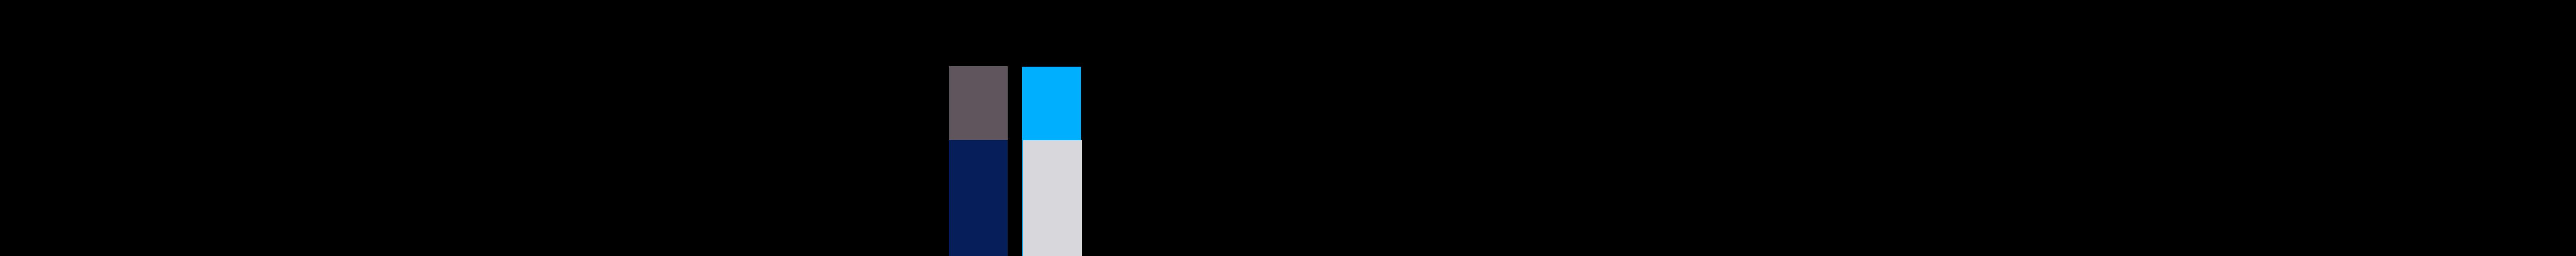 Poole_Shaffery_Logo